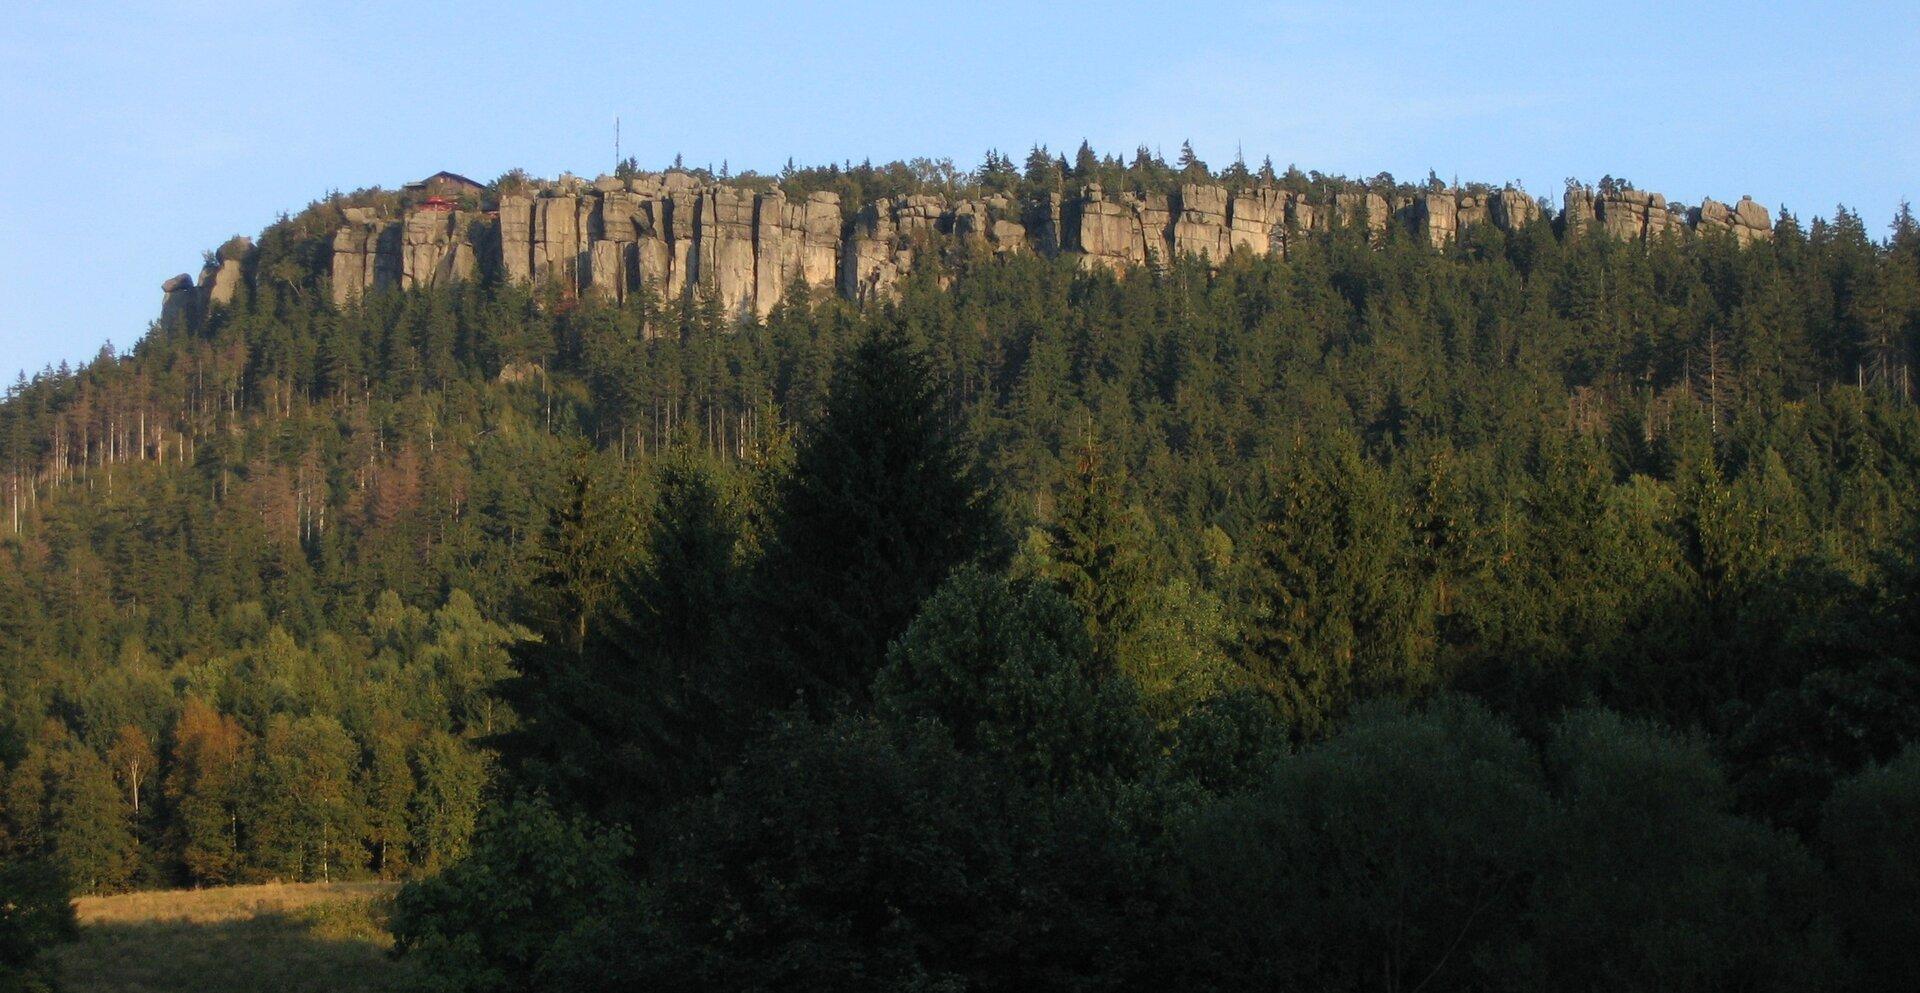 Na zdjęciu trapezoidalny blok skalny porośnięty lasem iglastym. Powierzchnia szczytu jest zwietrzała ipopękana.